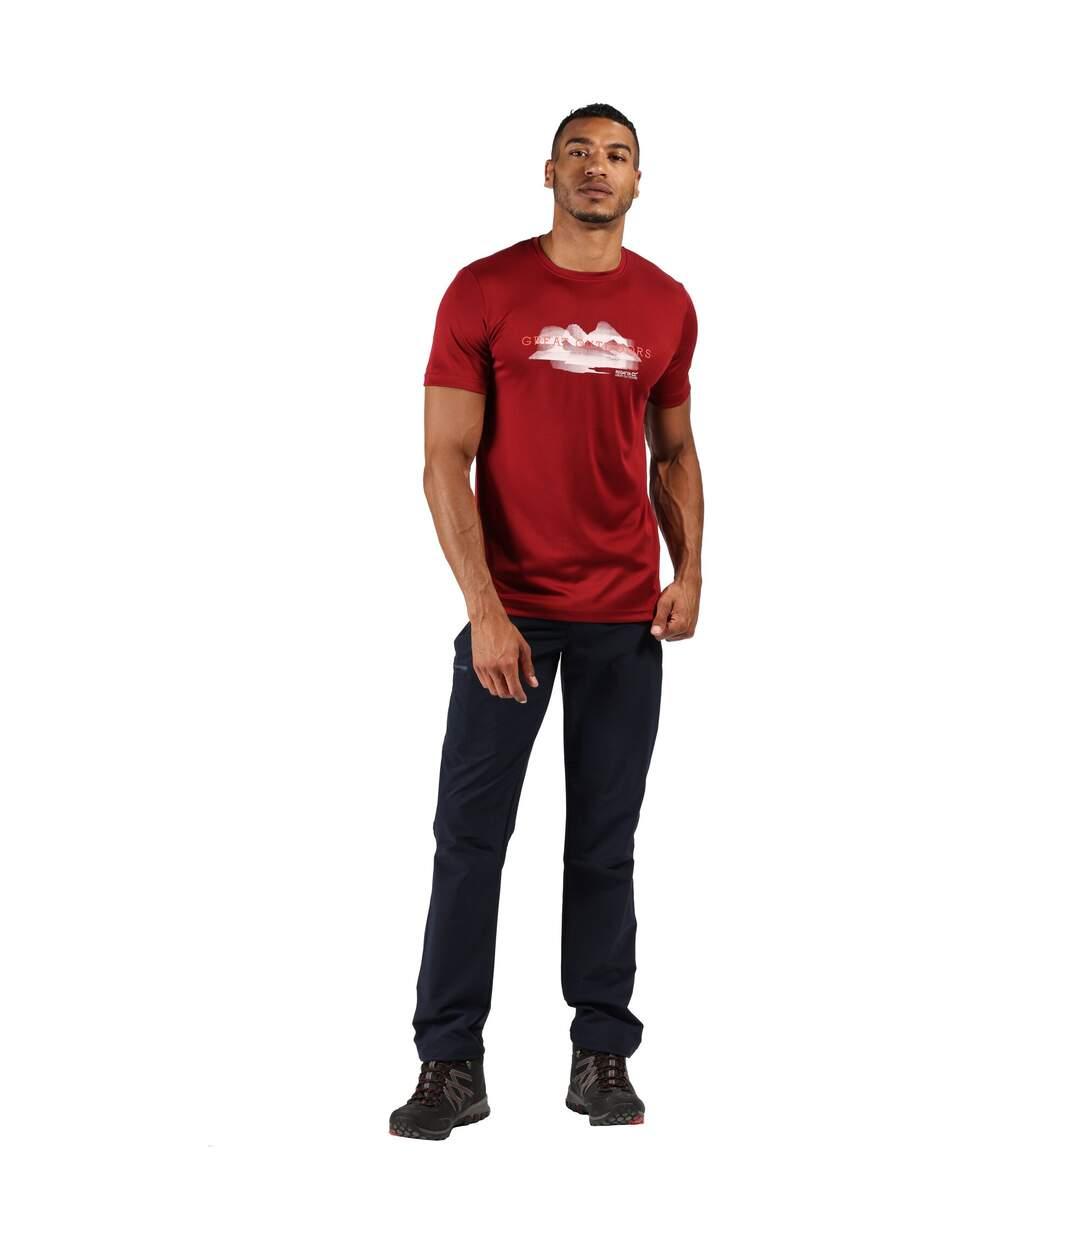 Regatta - T-shirt de sport FINGAL - Homme (Noir) - UTRG4946